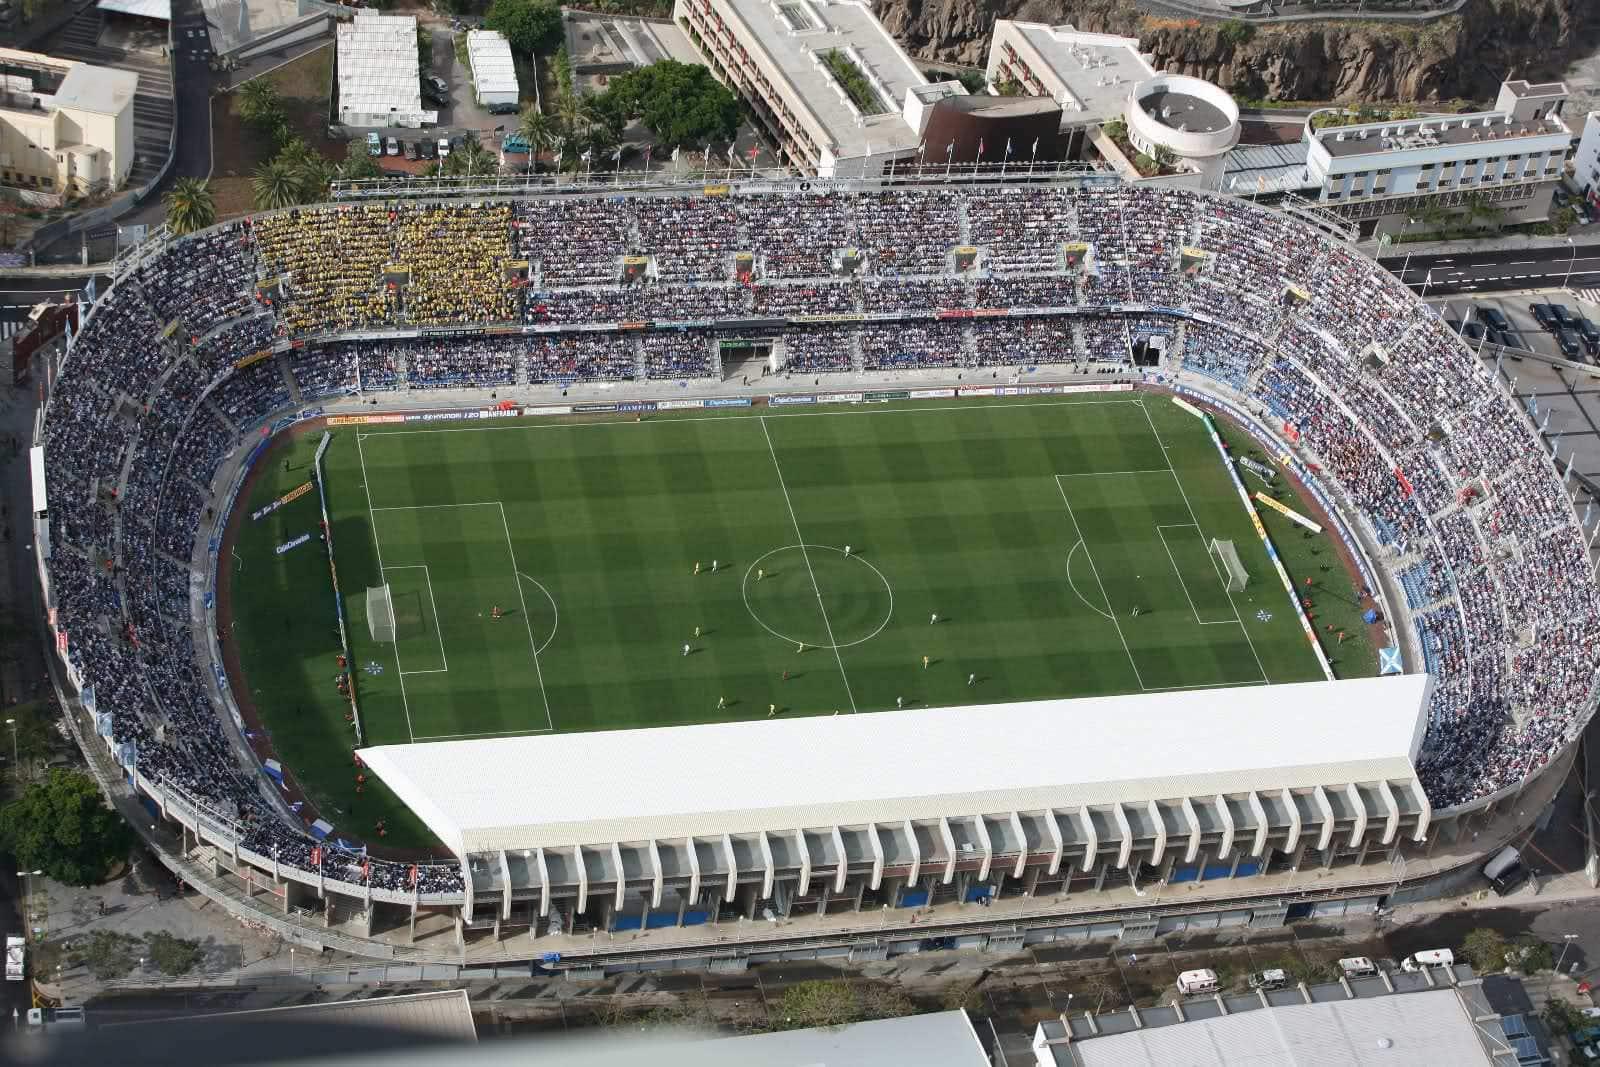 [Imagen: Estadio-Heliodoro-Rodr%C3%ADguez-L%C3%B3...agen-1.jpg]